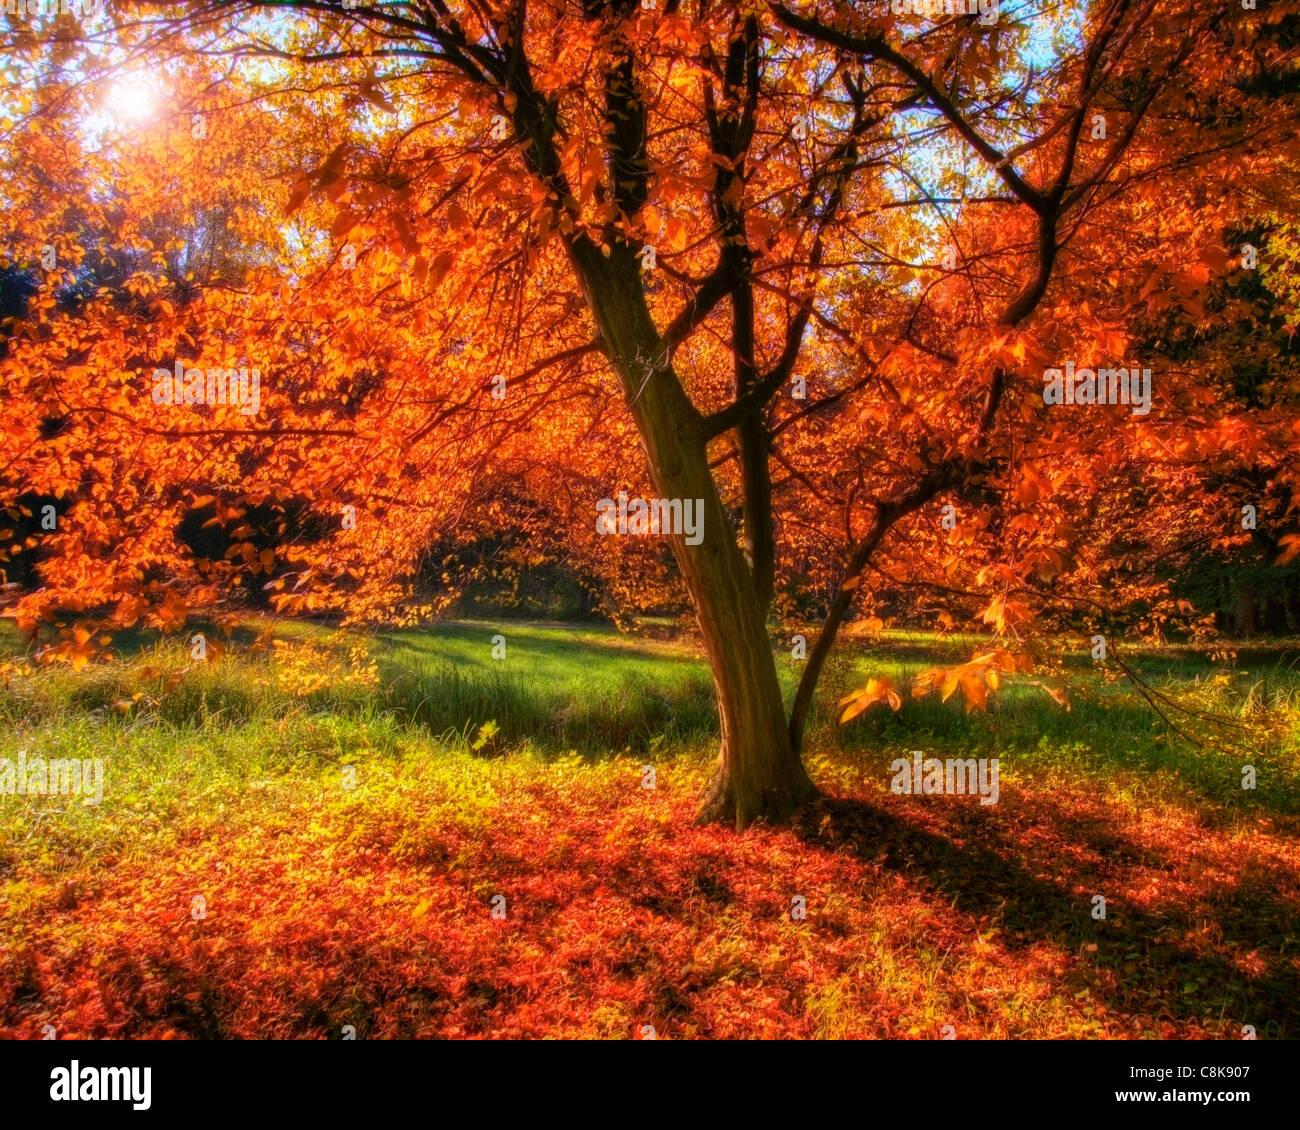 DE - BAVARIA: Autumn in Nymphenburg Castle Park, Munich - Stock Image